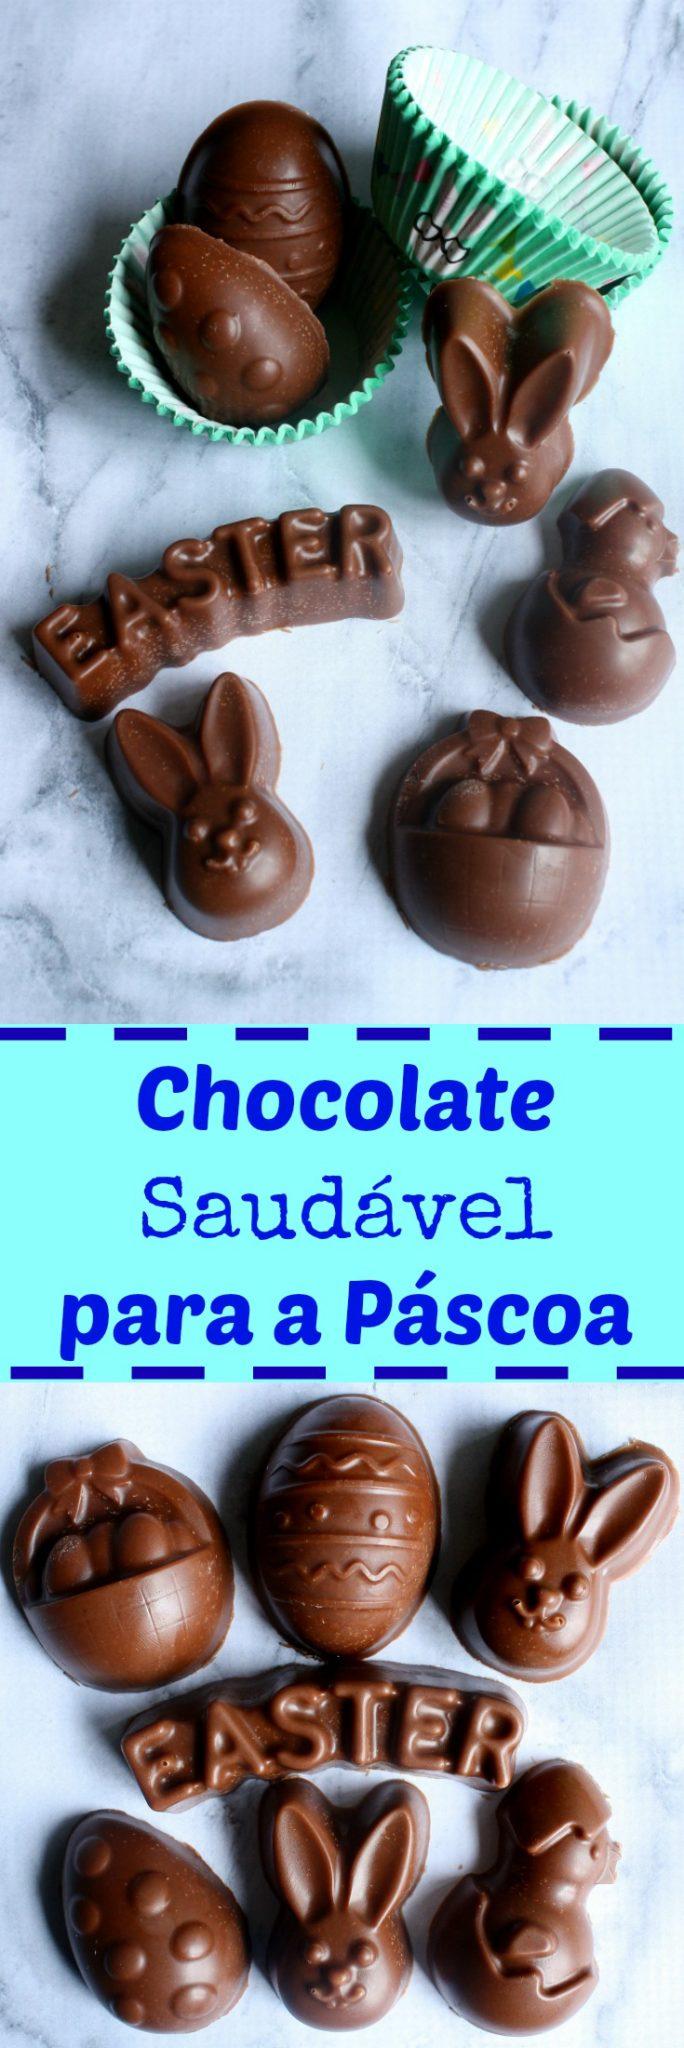 Chocolate Caseiro para a Páscoa (Paleo/ Low Carb)! Pronto em 5 minutinhos e com somente 5 ingredientes!